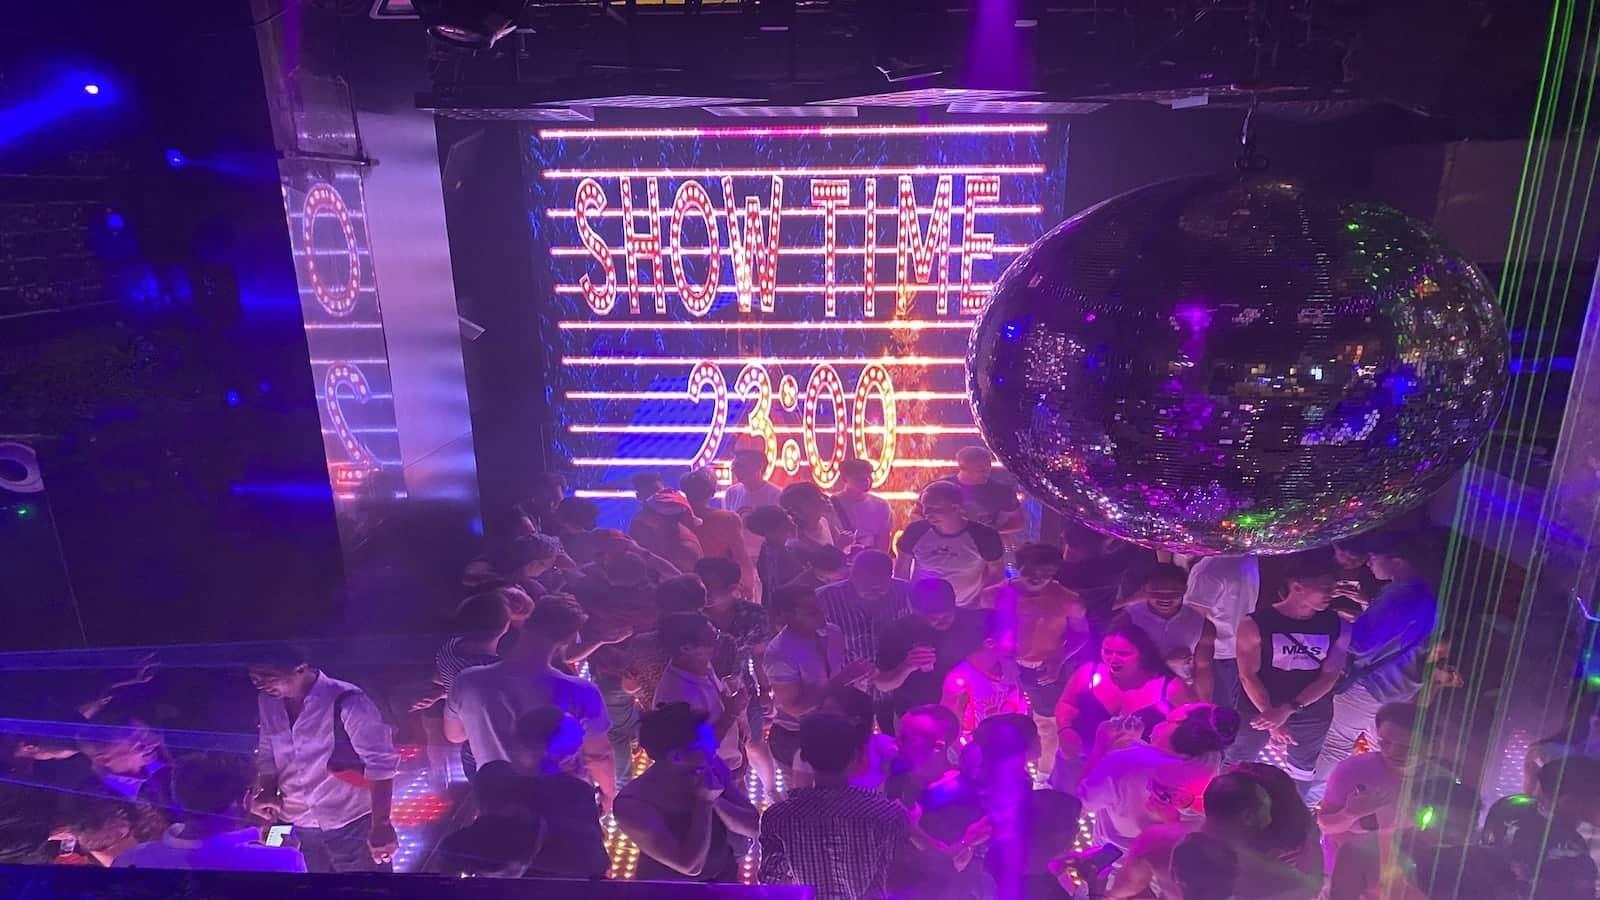 Si vous voyagez seul, nous vous recommandons de faire une visite de groupe de la vie nocturne gay de la scène gay de Bangkok pour vous faire rapidement de nouveaux amis